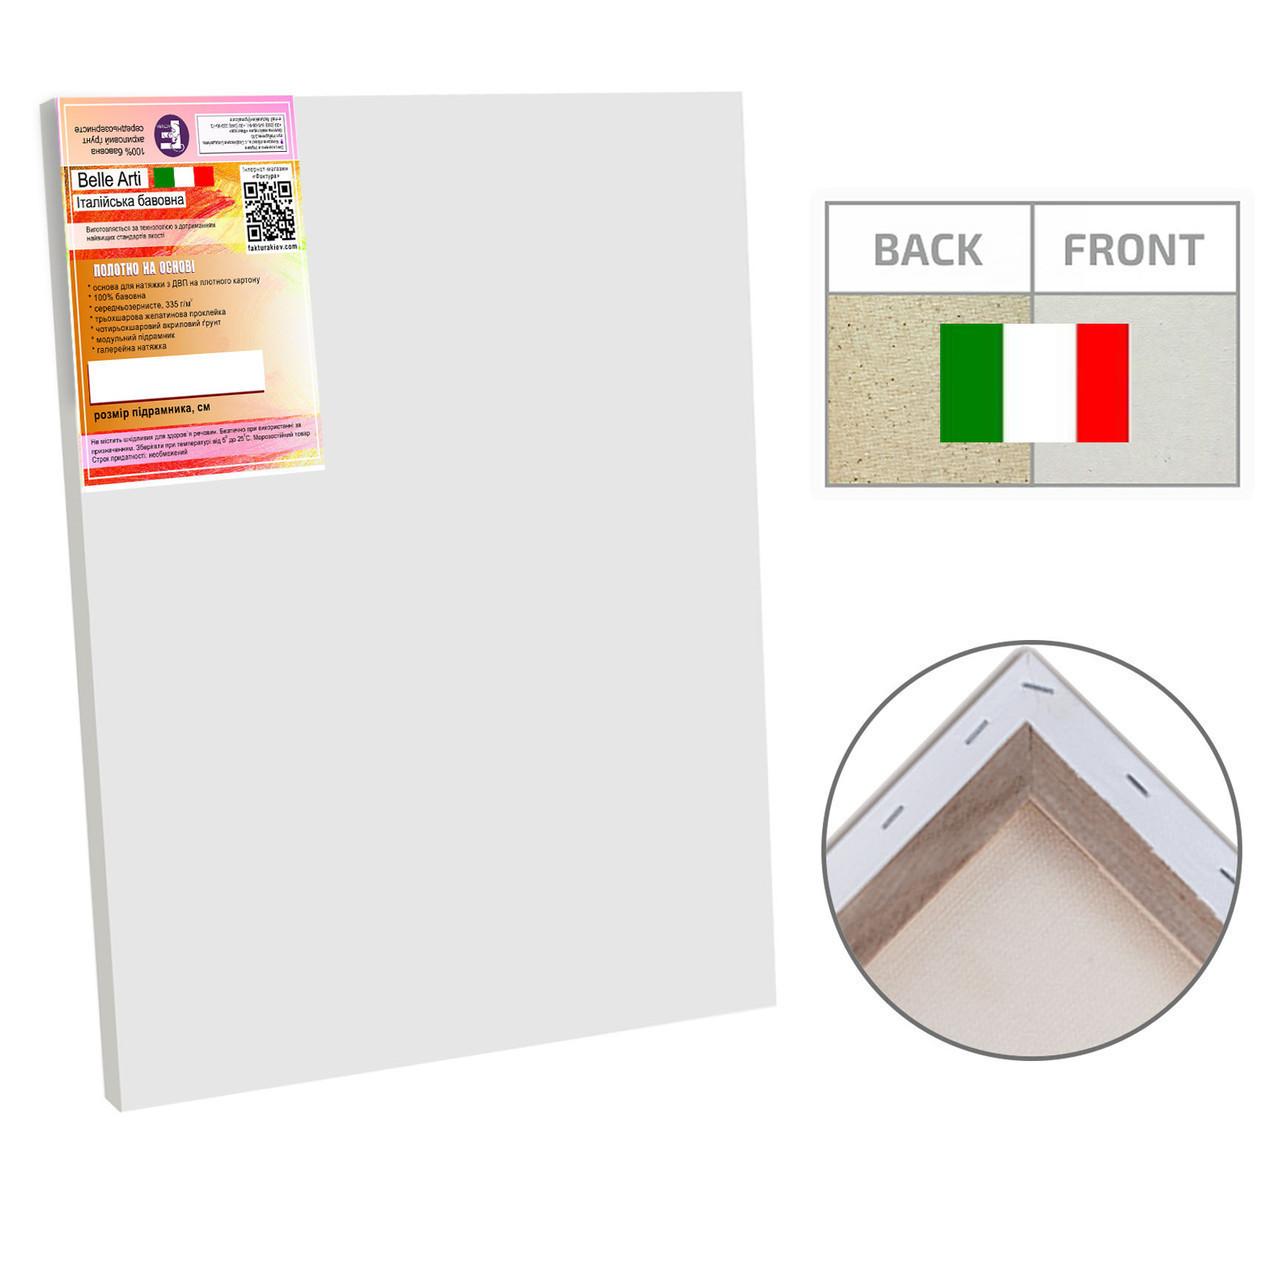 Холст на подрамнике Factura BelleArti 50х60 см Итальянский хлопок 285 грамм кв.м. среднее зерно белый, фото 1